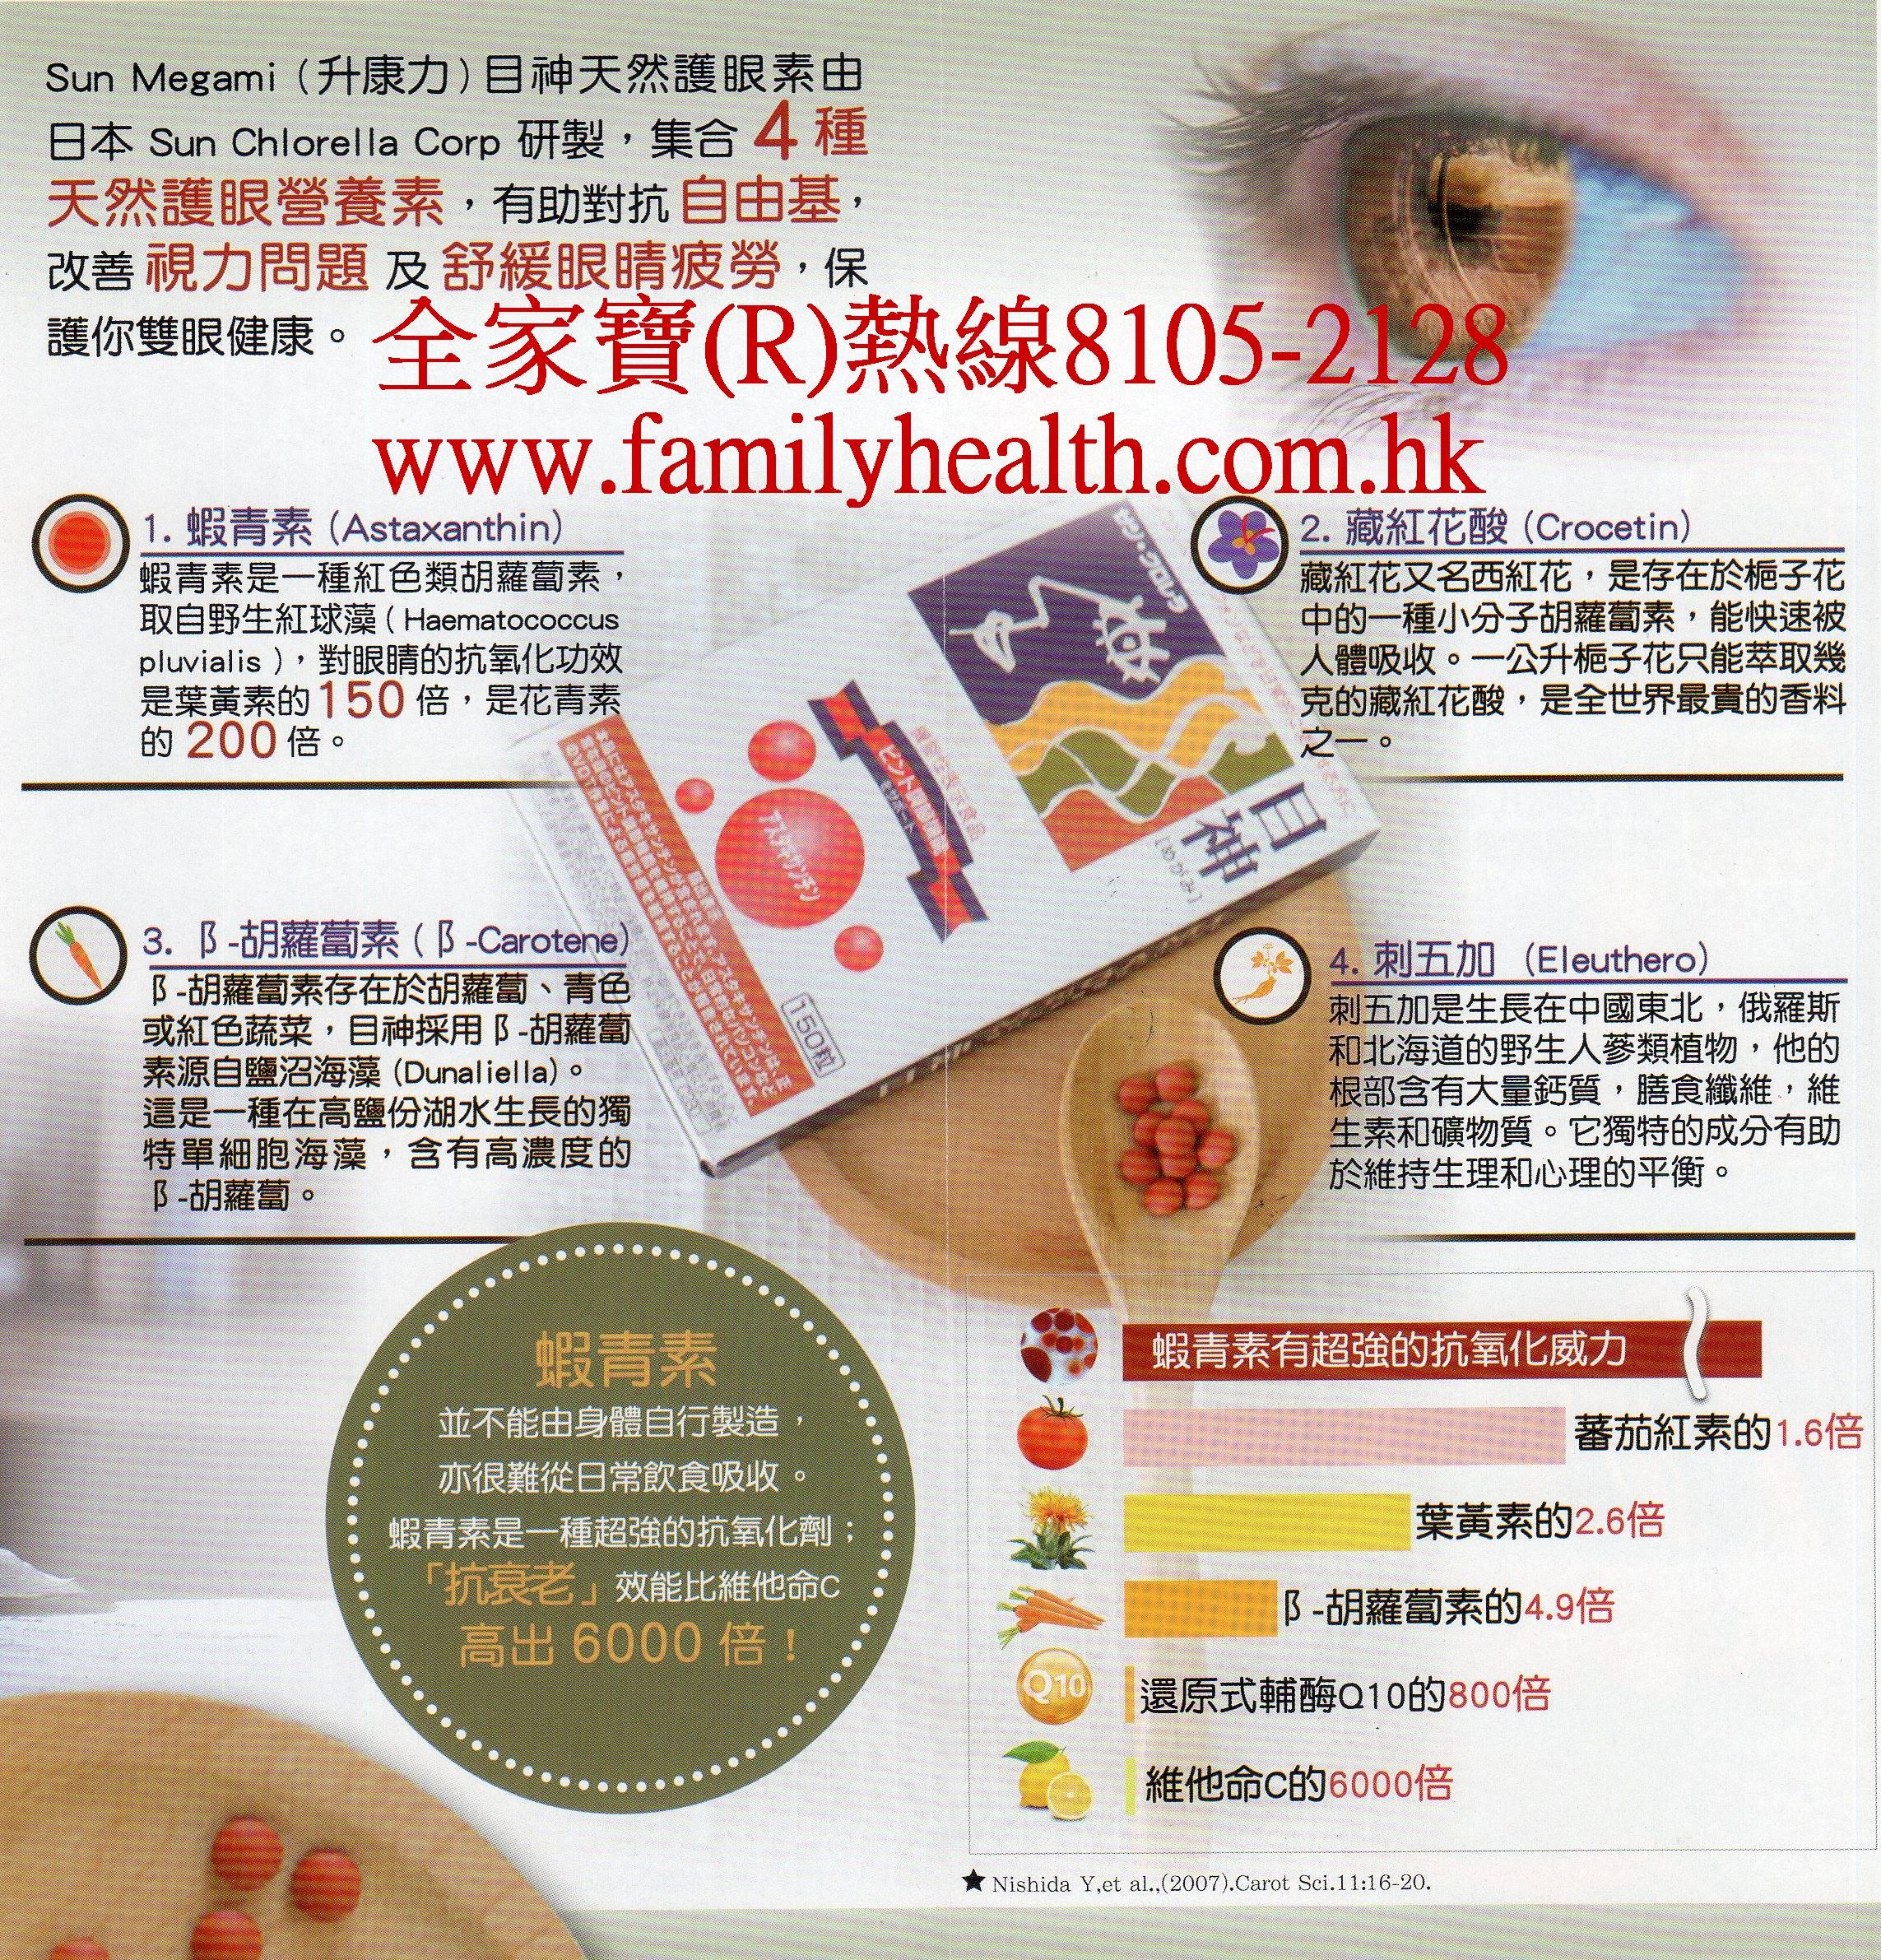 http://www.familyhealth.com.hk/files/full/1031_2.jpg